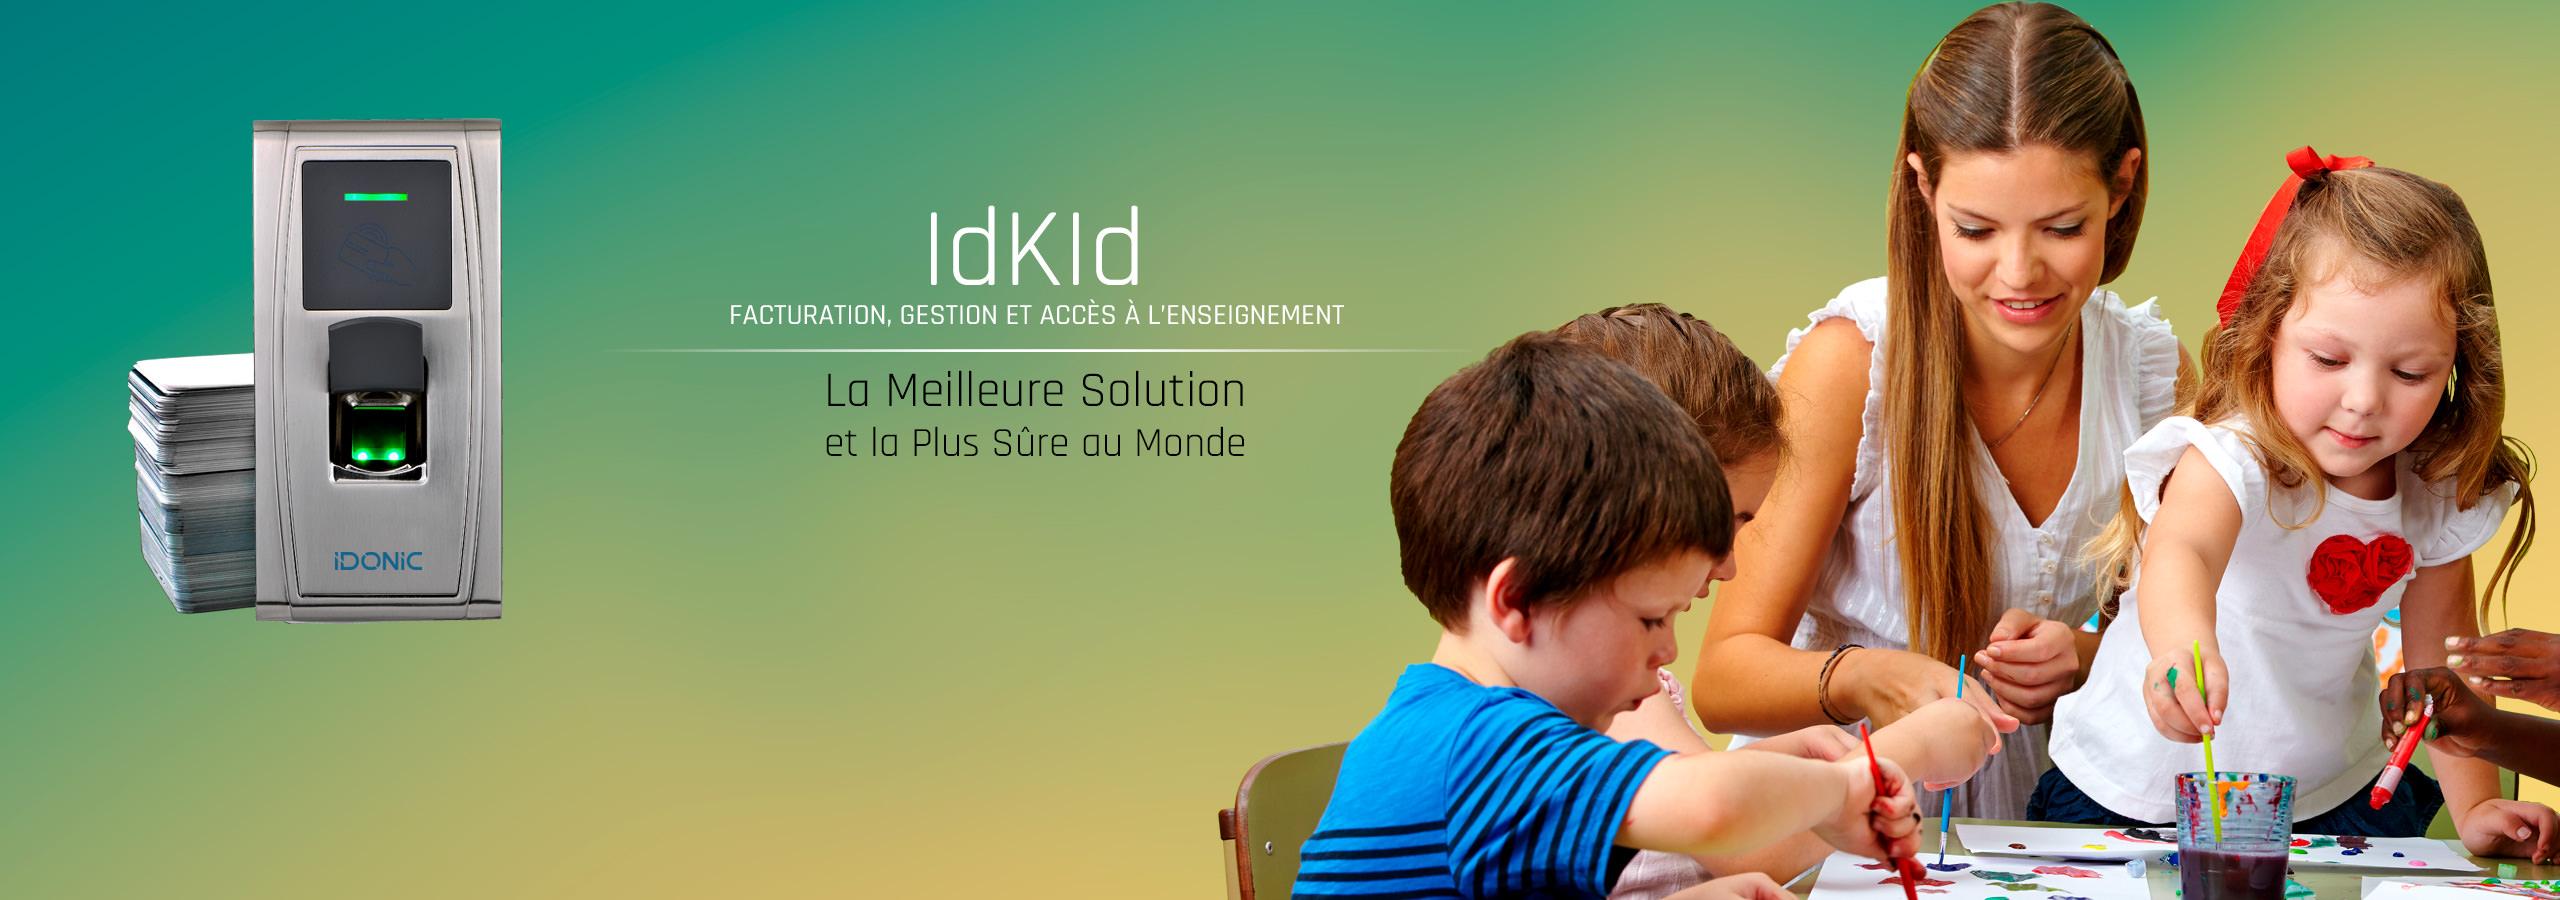 Destaque-Homepage-IdKid-FR